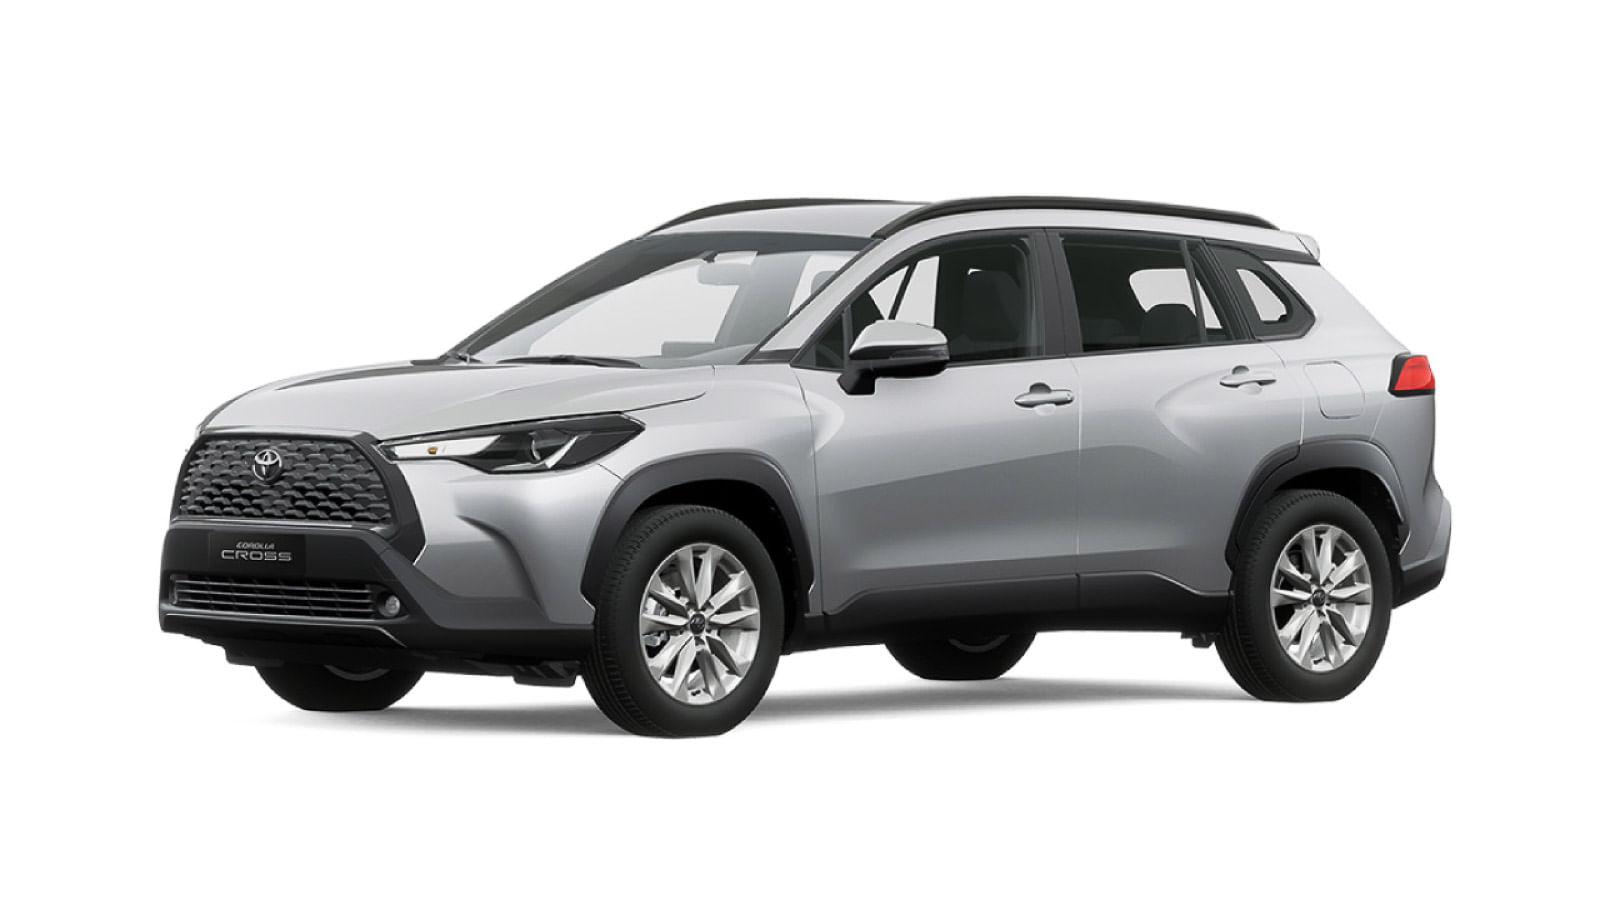 Toyota-Corolla-Cross-Xli-Gasolina-XL-02014648-1